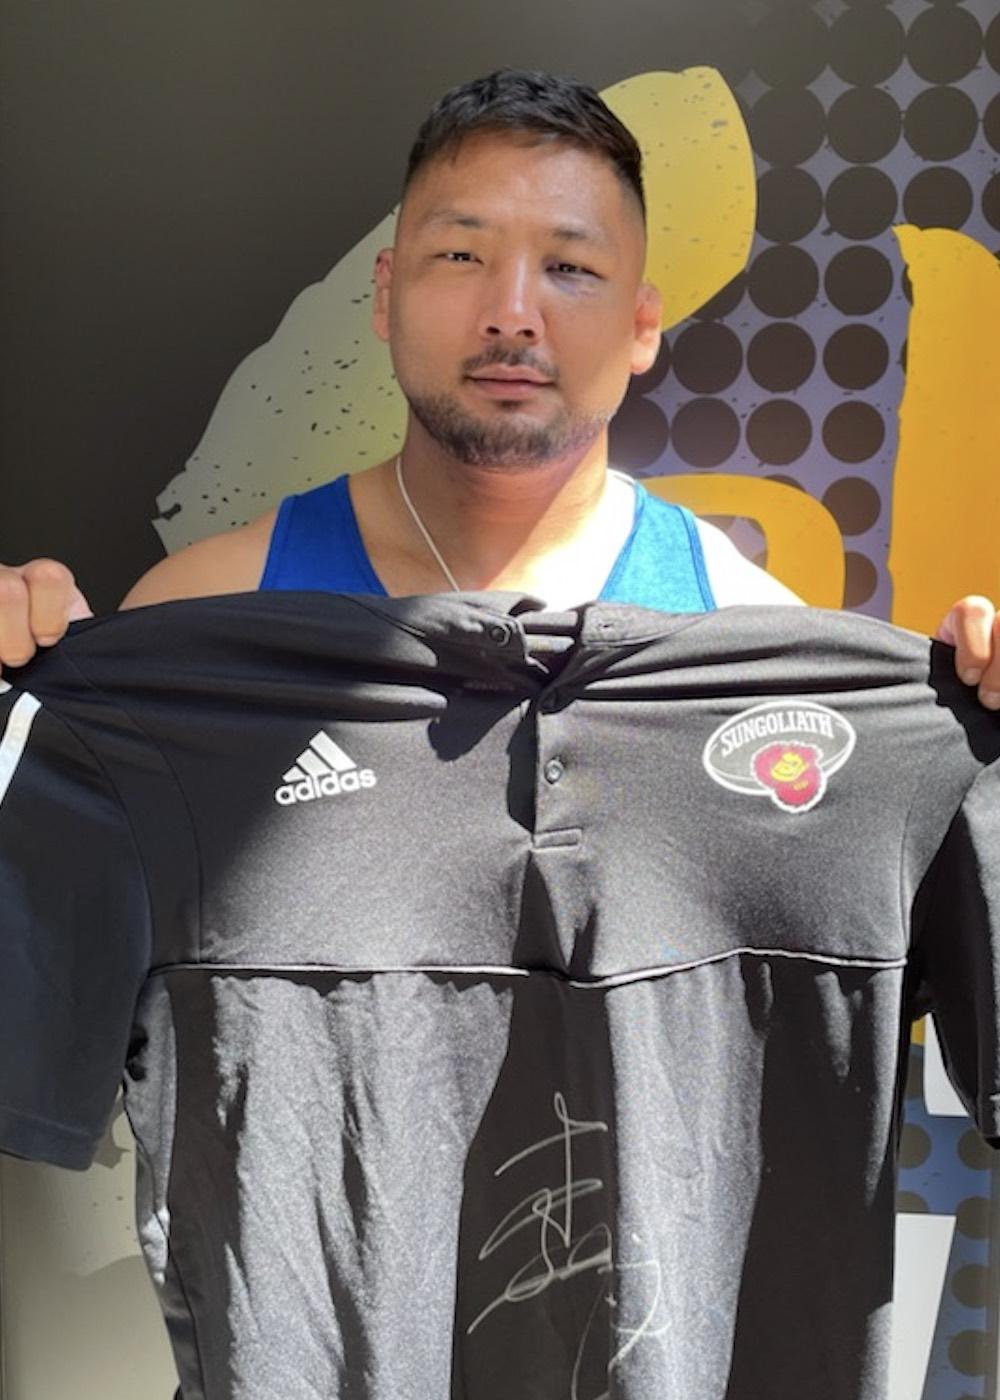 【公式】実使用・選手直筆サイン入「ポロシャツ&トレーニングウェア」森川 由起乙